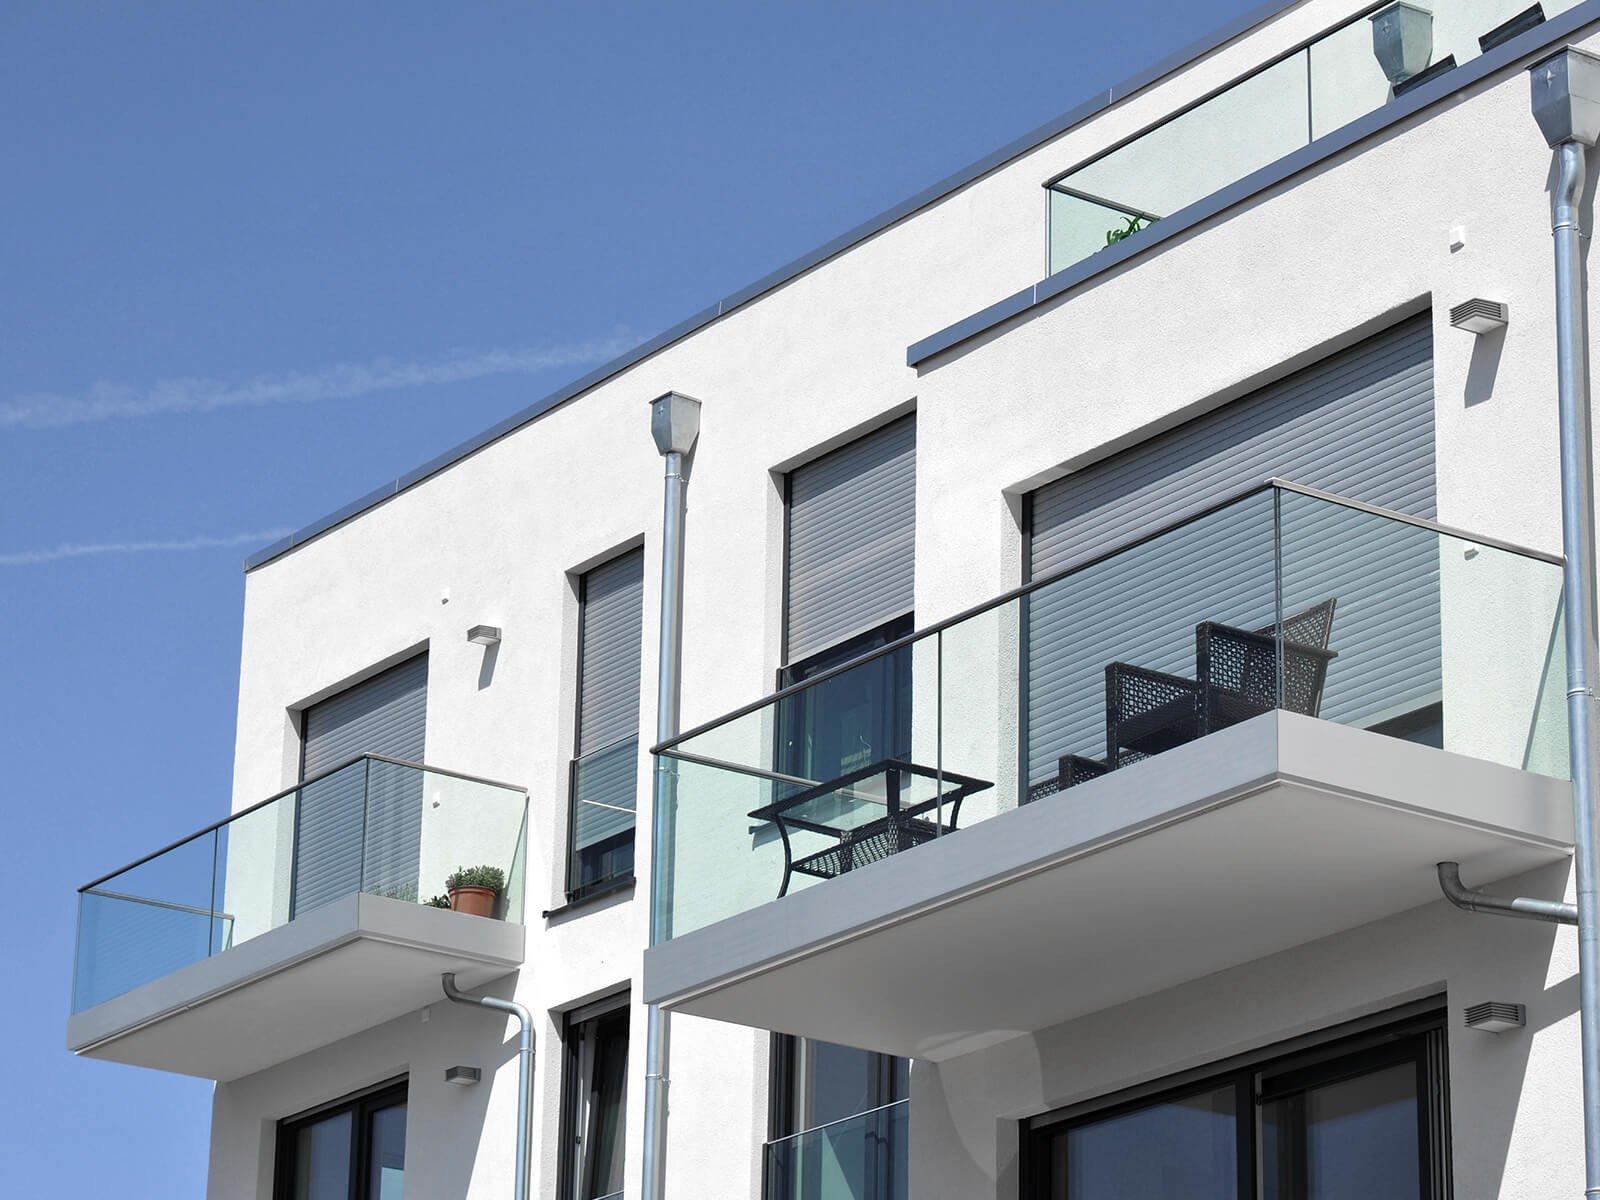 Glasgeländer Variante fuer Innen und Außenbereiche als elegante Lösung für Absturzsicherungen mit AbP